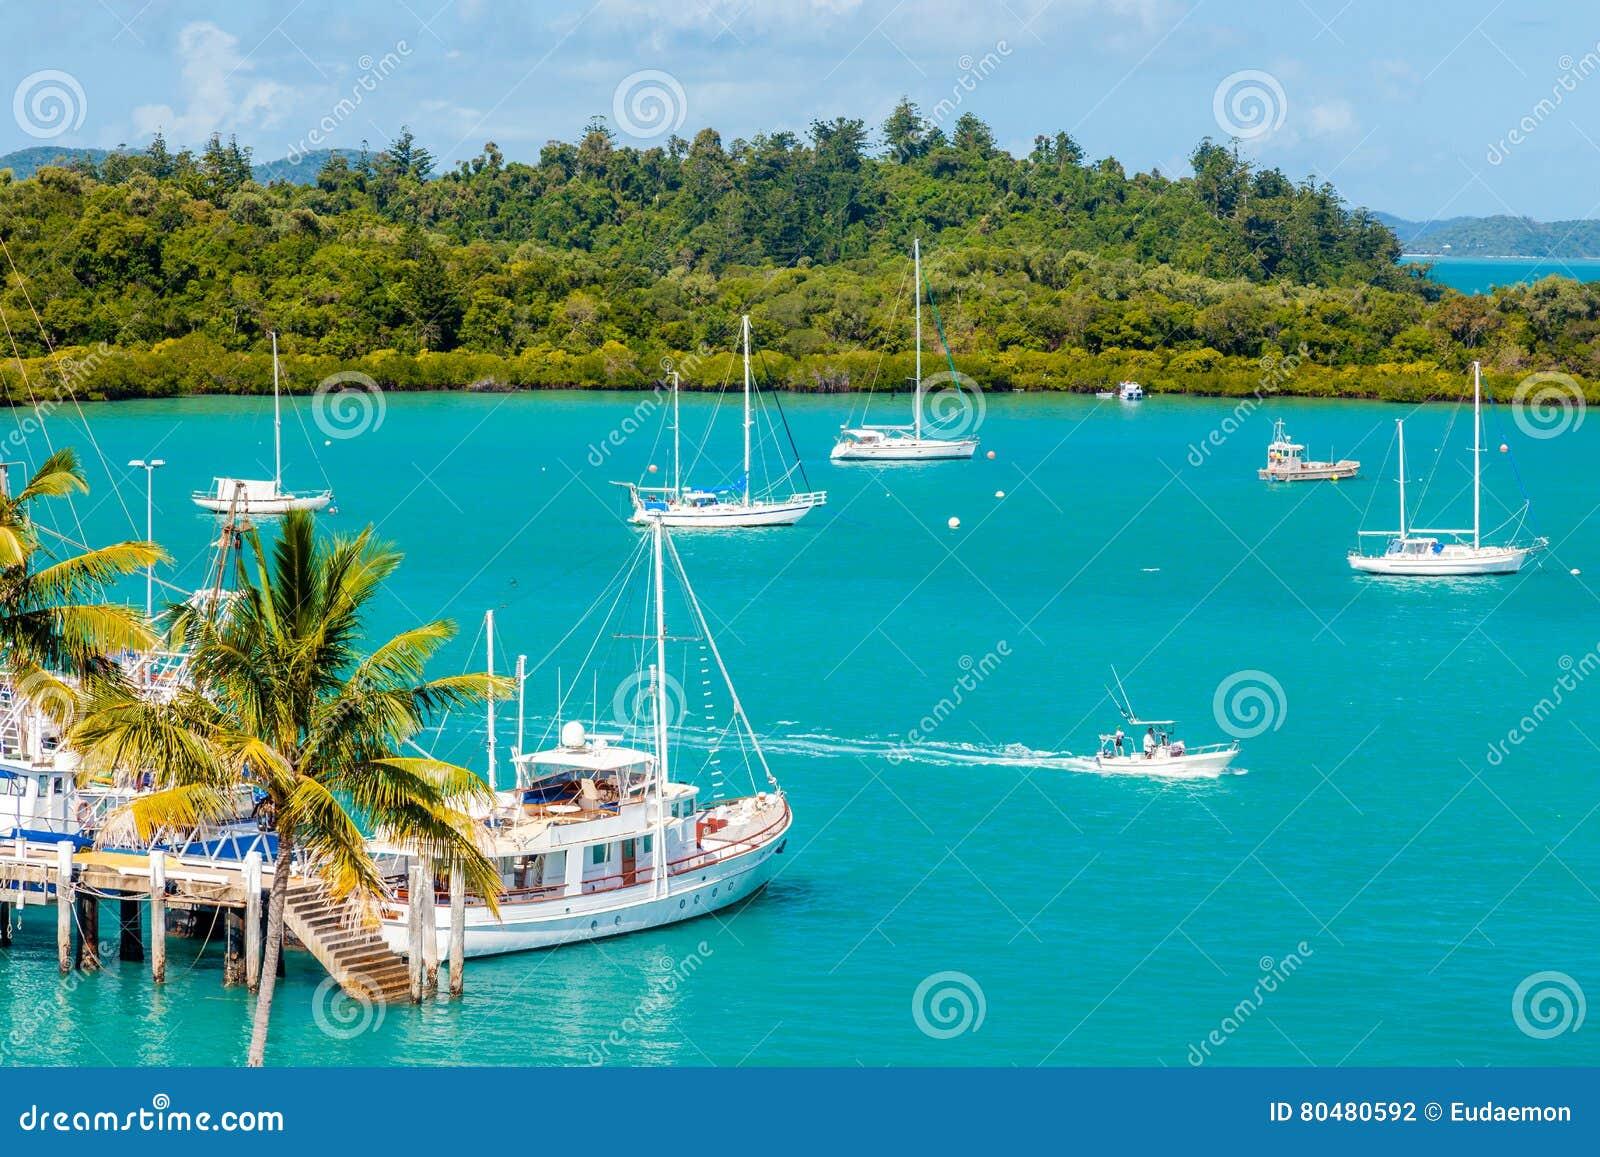 Jachten en boten in tropische jachthaven